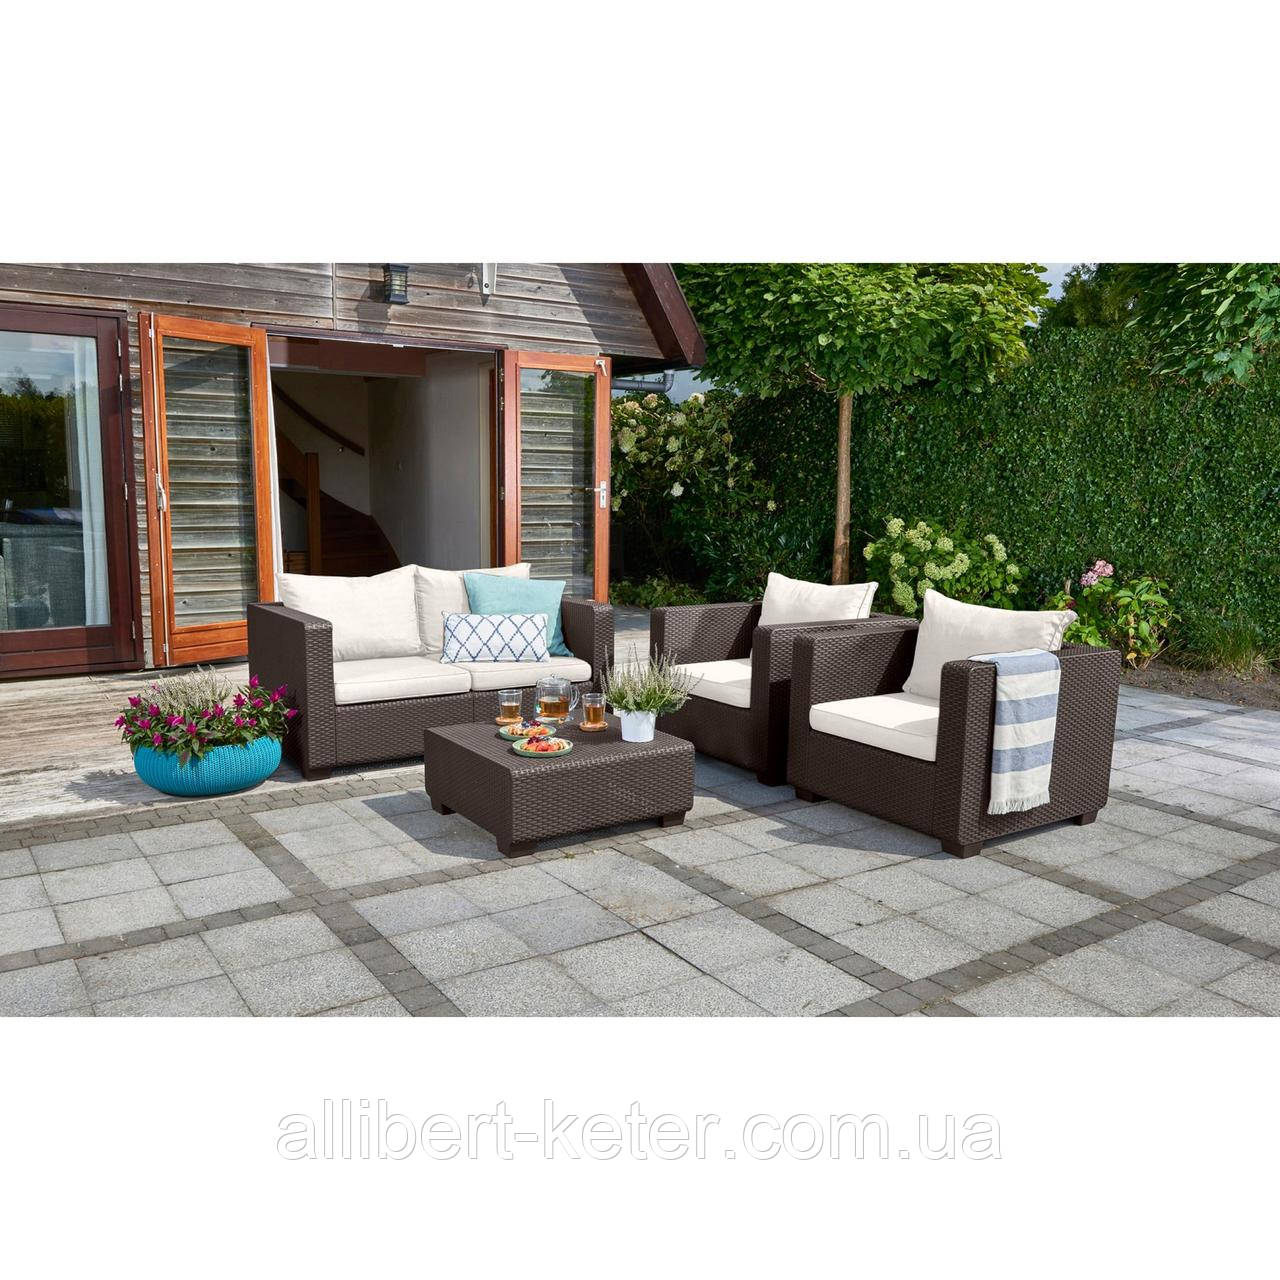 Набор садовой мебели Salta 2-Seater Lounge Set Brown ( коричневый ) из искусственного ротанга